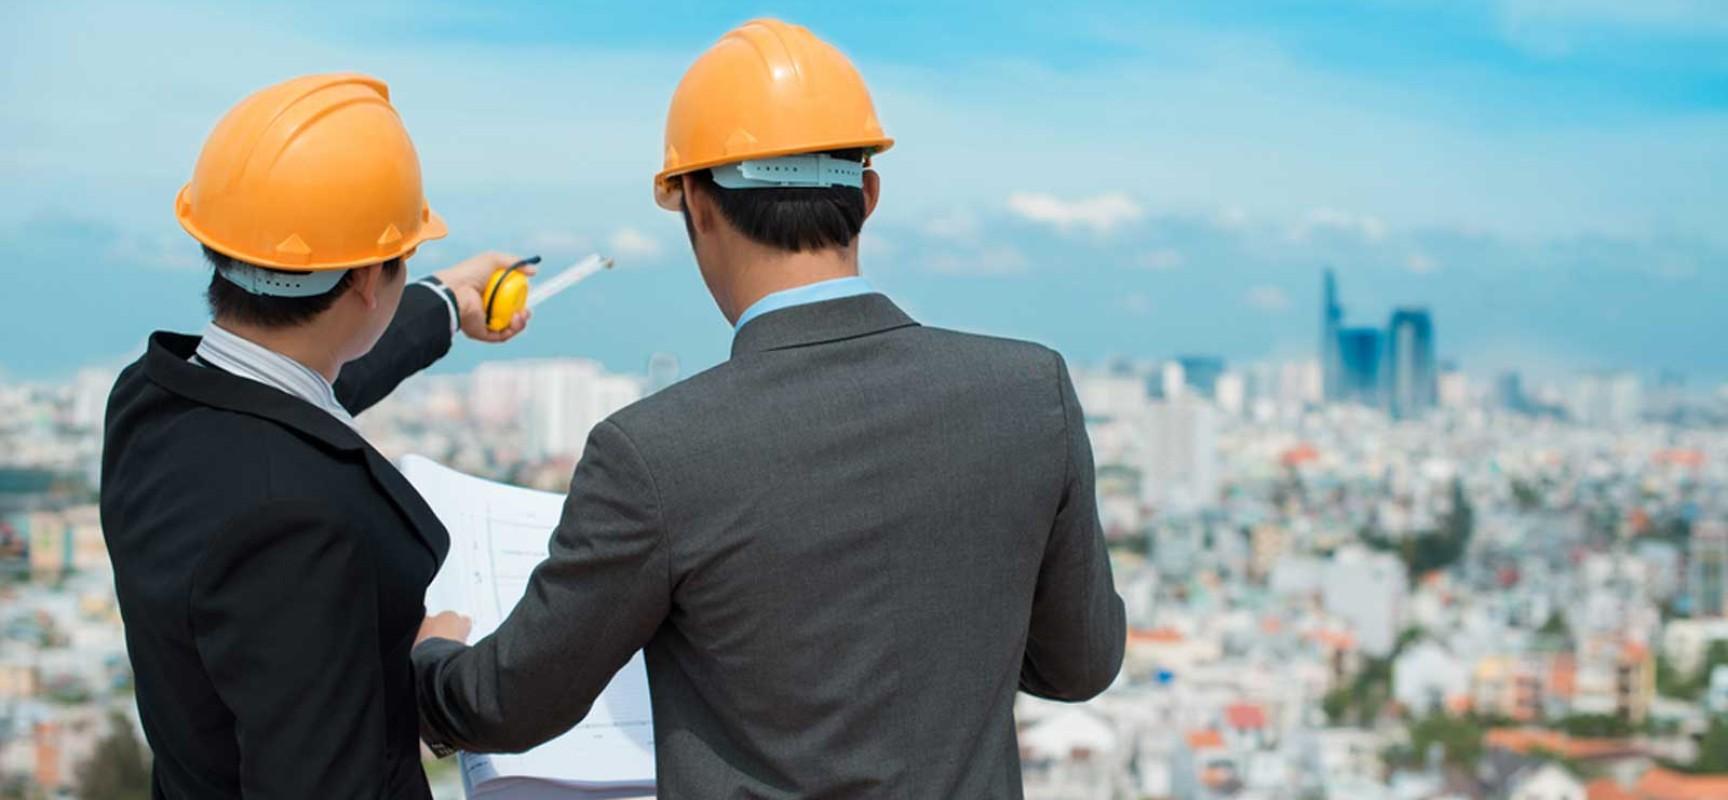 ما هي وظائف المتخصصين في الهندسة